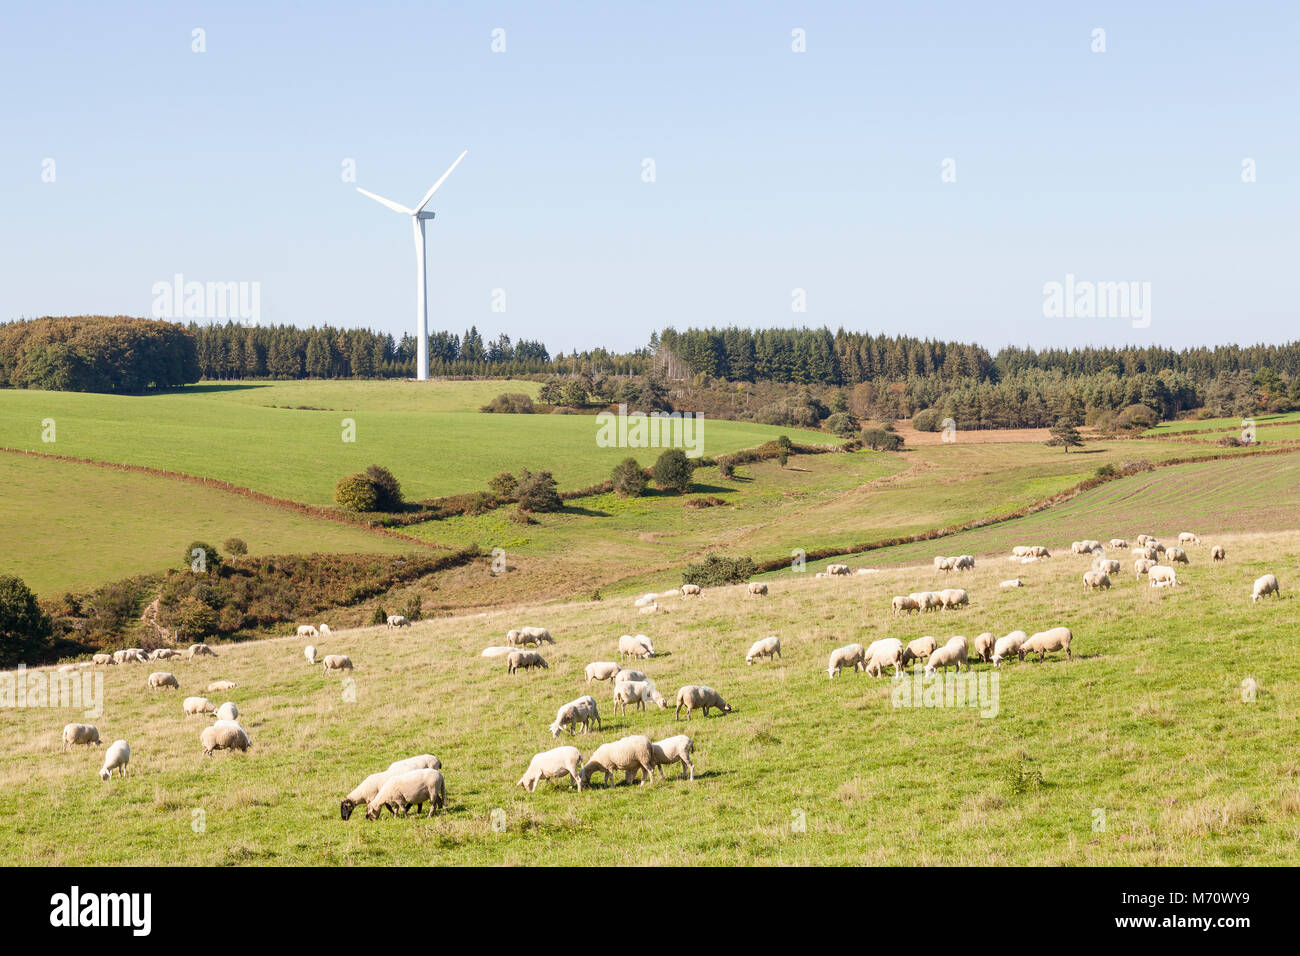 Gregge di pecore al pascolo in prossimità di una turbina eolica in campagna boscosa. Uso sostenibile delle Immagini Stock